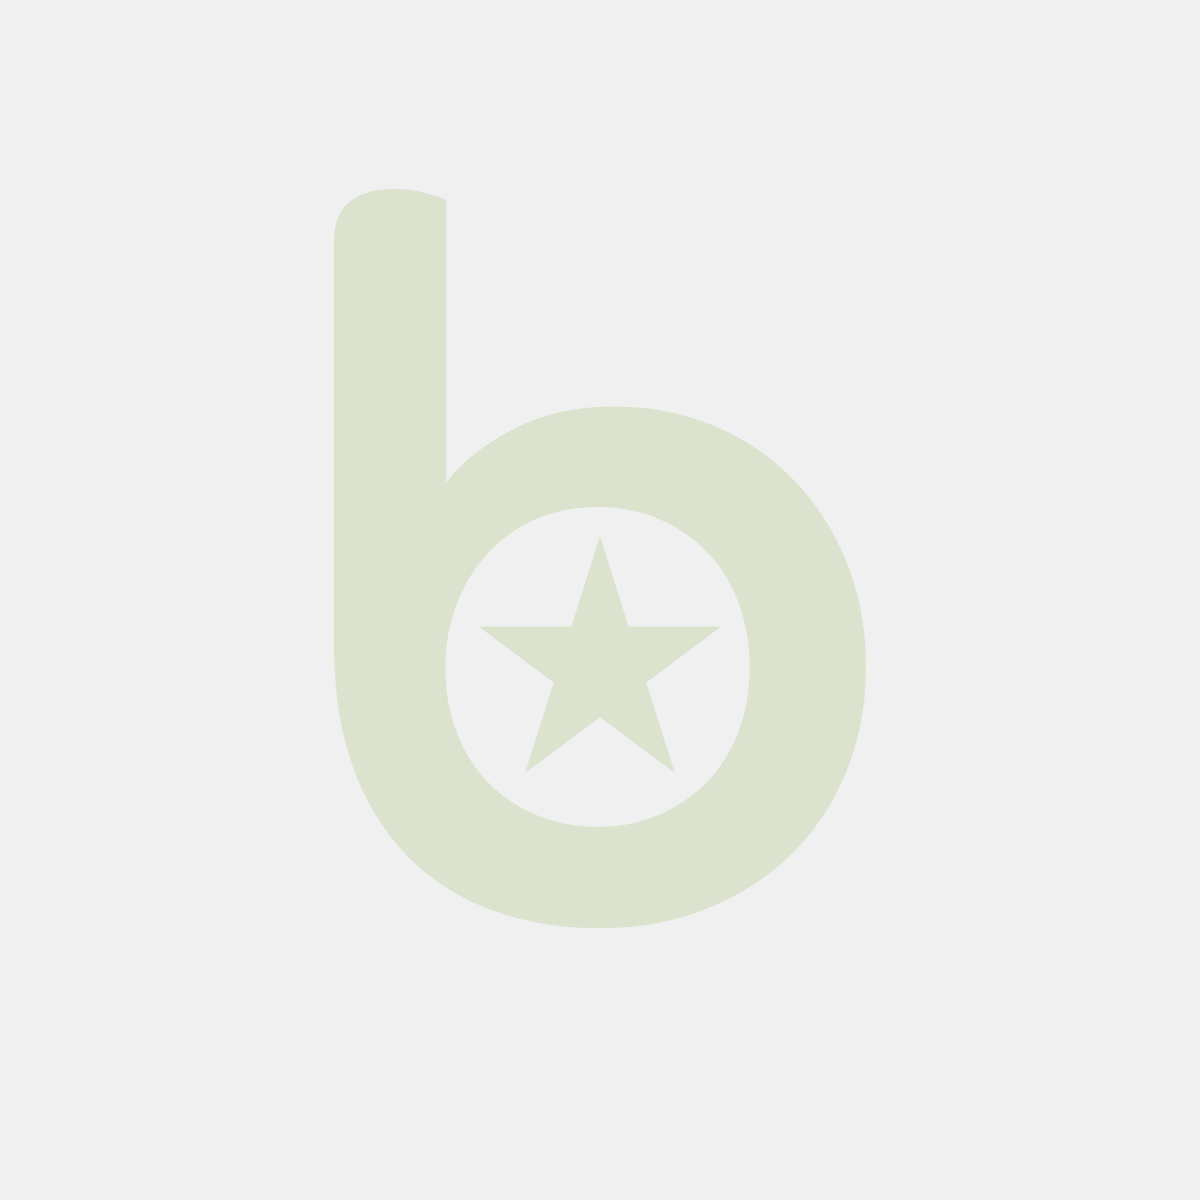 Zszywacz KANGARO Veritka-45 C-THRU+zszywki, zszywa do 30 kartek, blister, błekitny